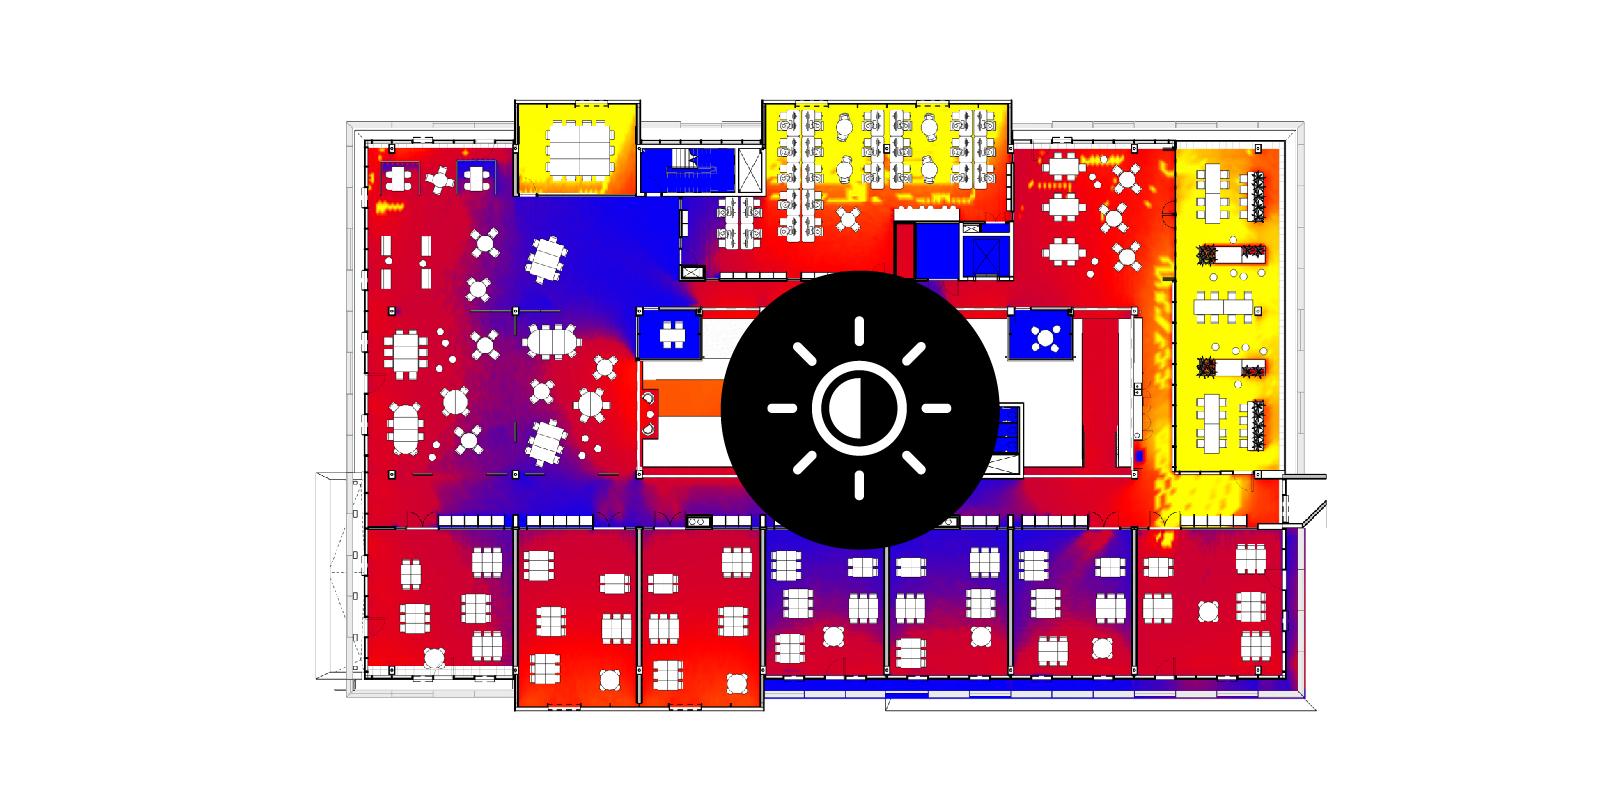 Autodesk Insight Analysis